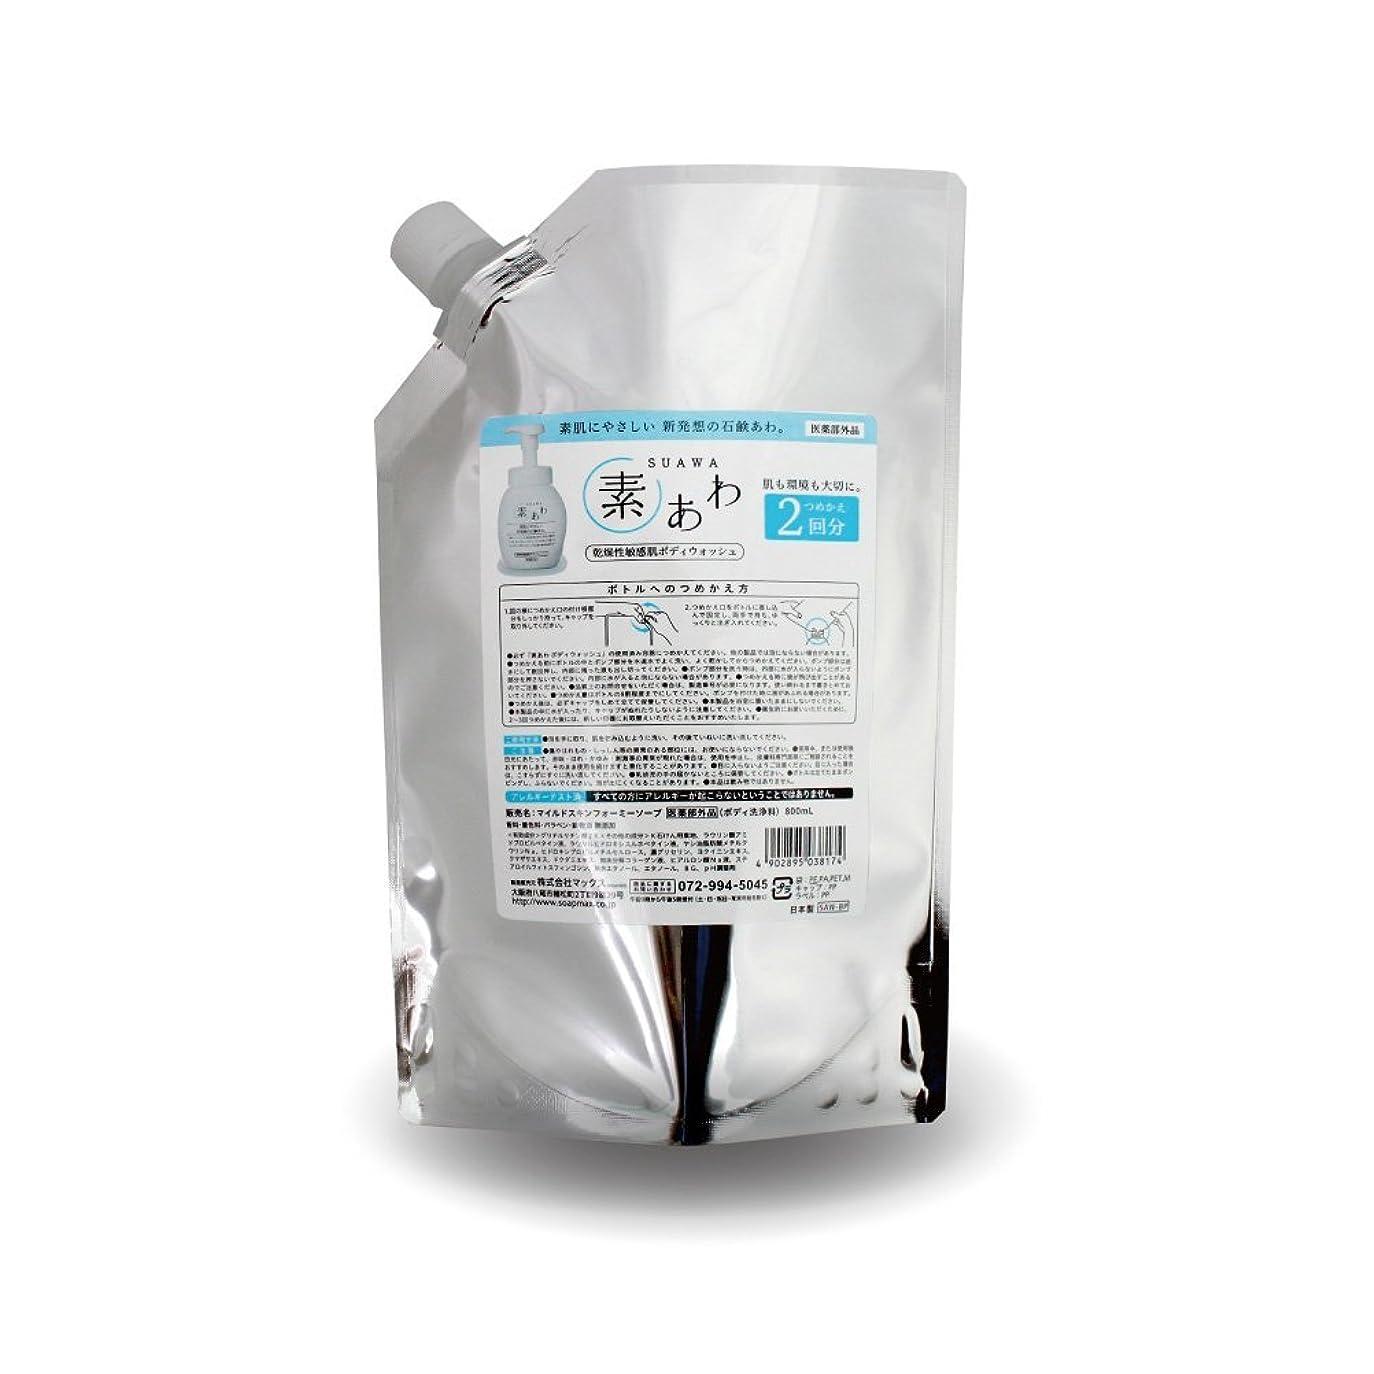 ダイアクリティカルボーダーパキスタン人薬用 素あわ 泡タイプ ボディソープ 詰替2回分パウチ 800mL 乾 燥 肌 ? 敏 感 肌 に